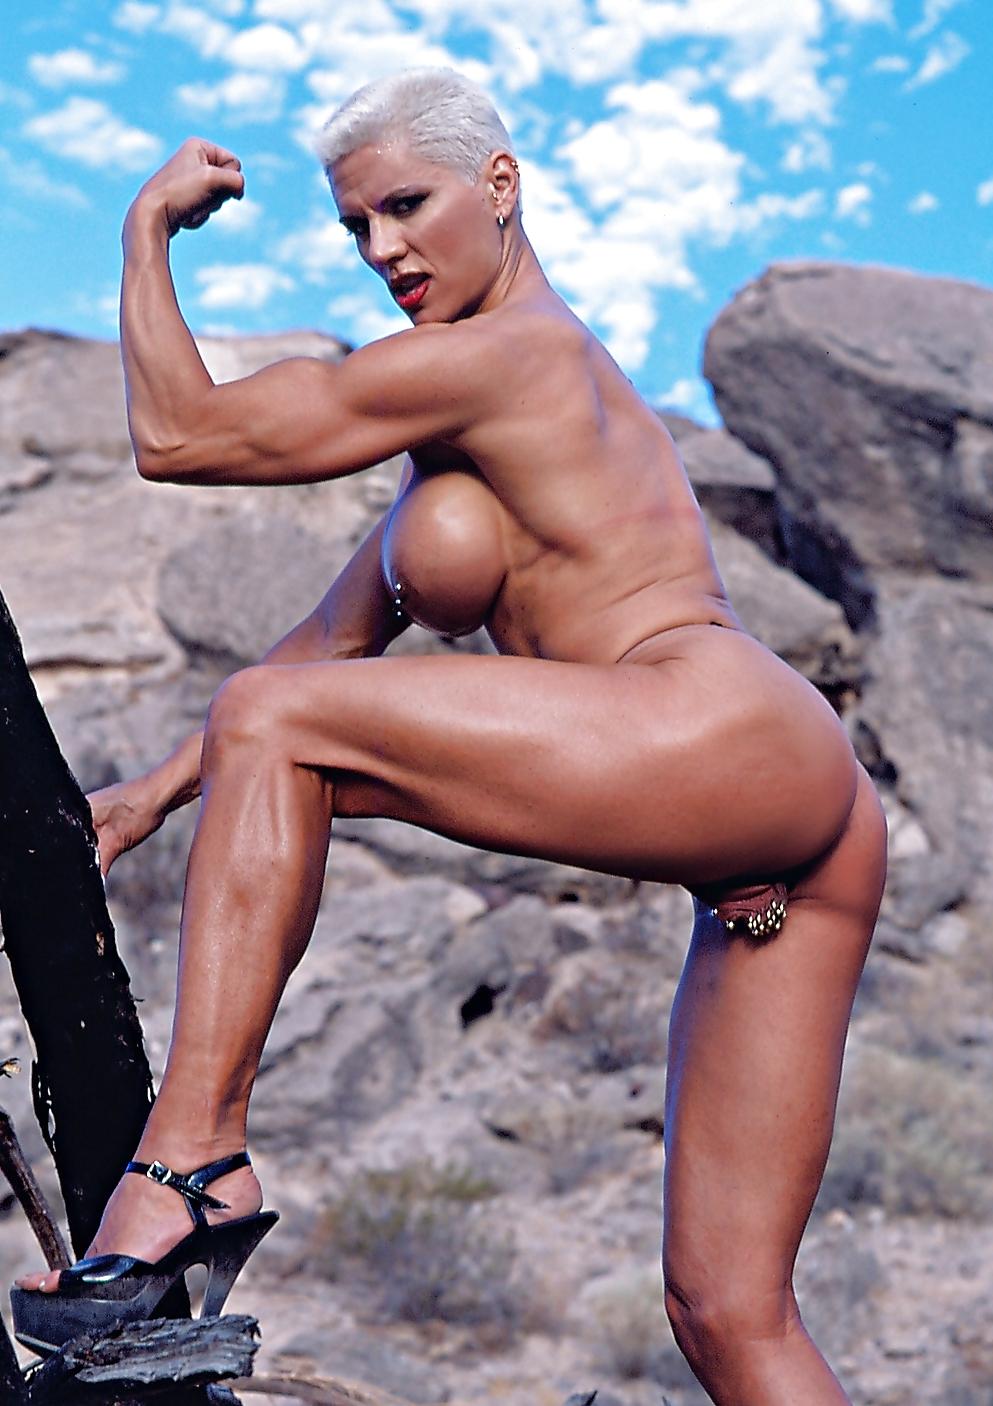 обычно фотографируются голые бодибилдерши украины матки